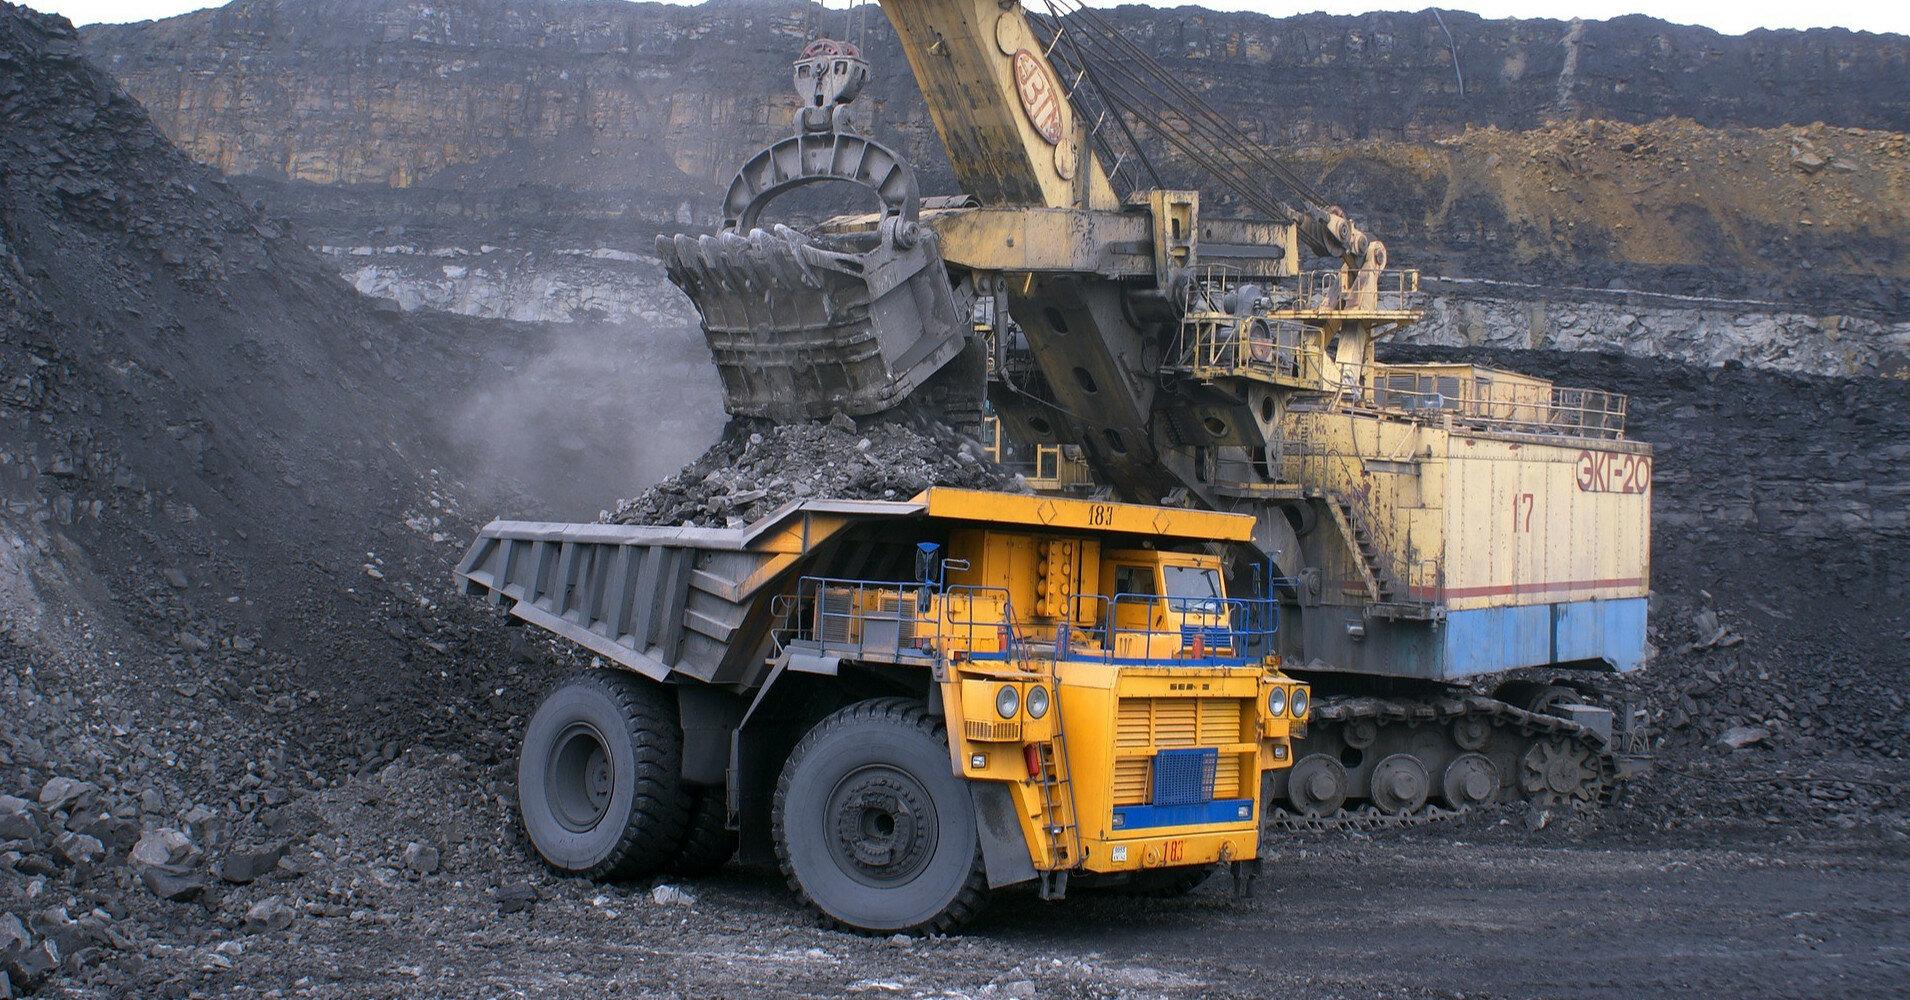 За сутки запасы угля на ТЭС существенно выросли